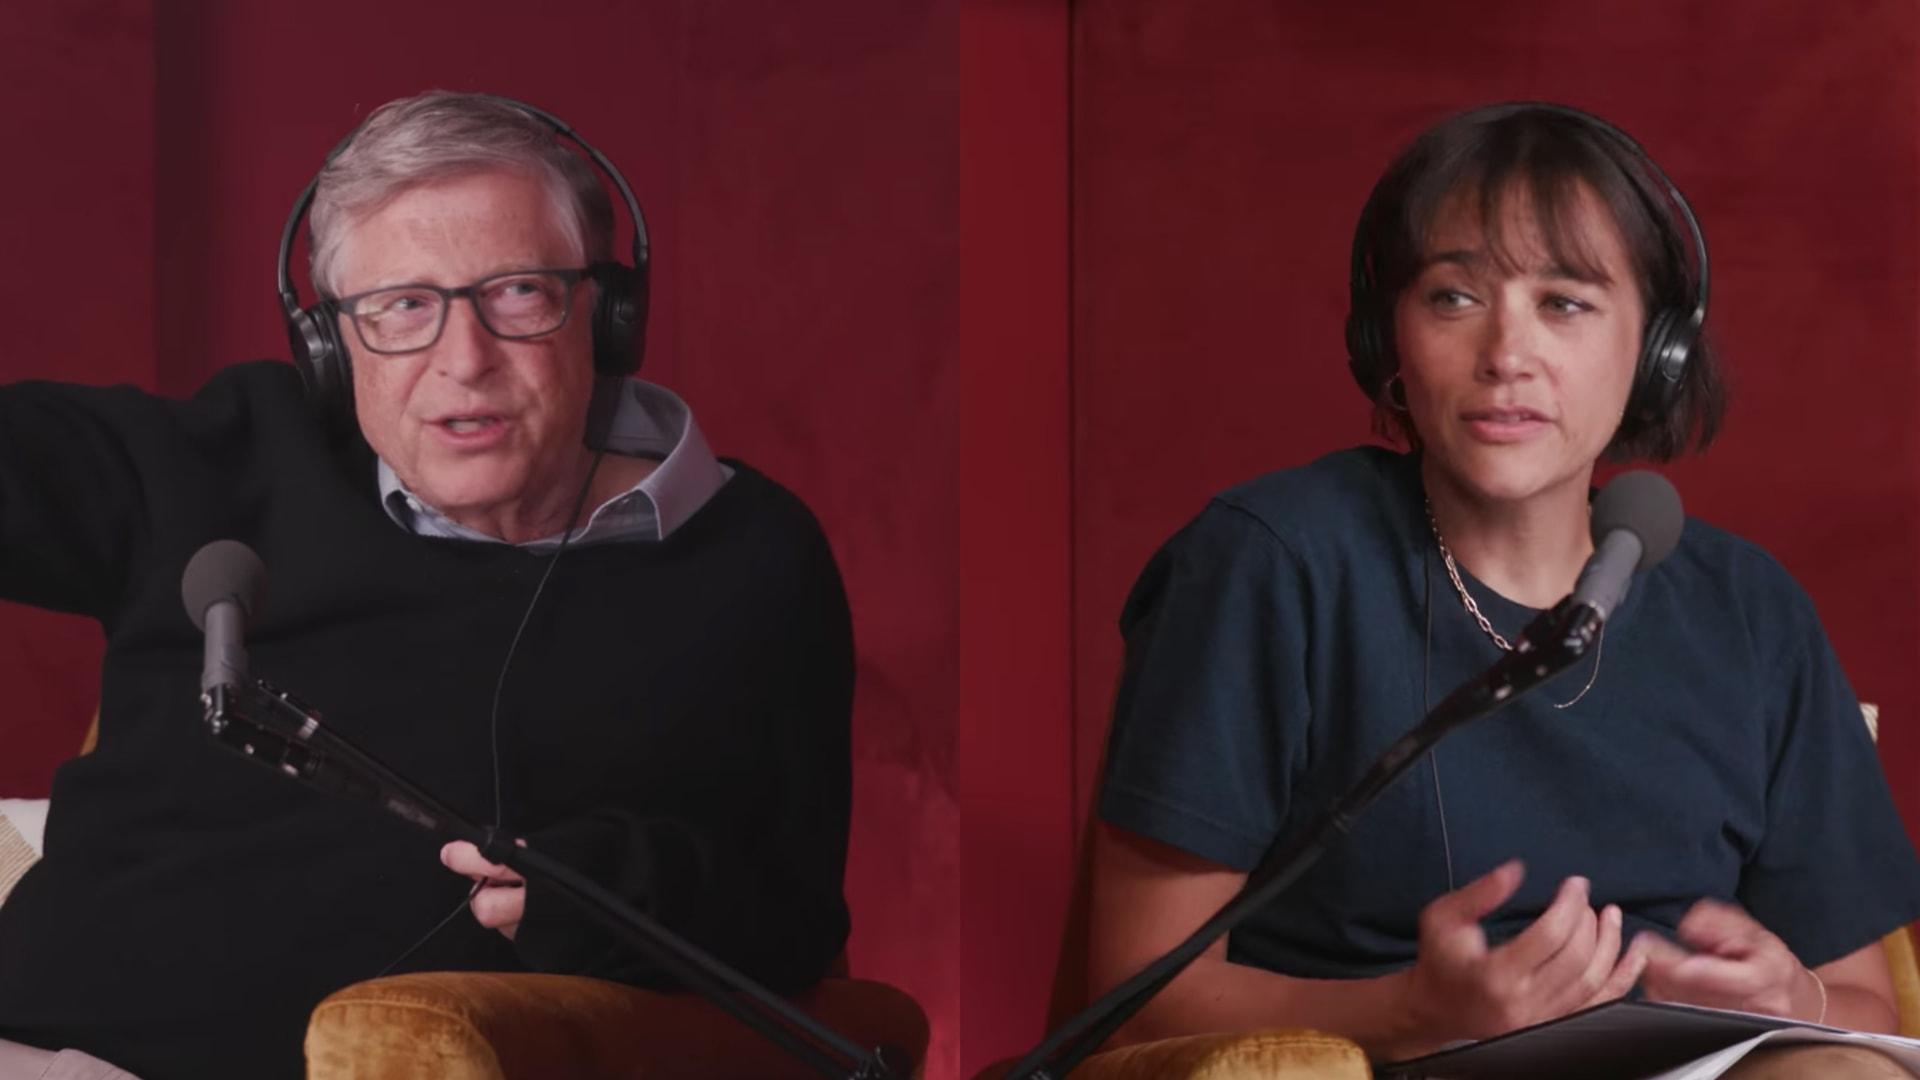 Bill Gates and Rashida Jones.